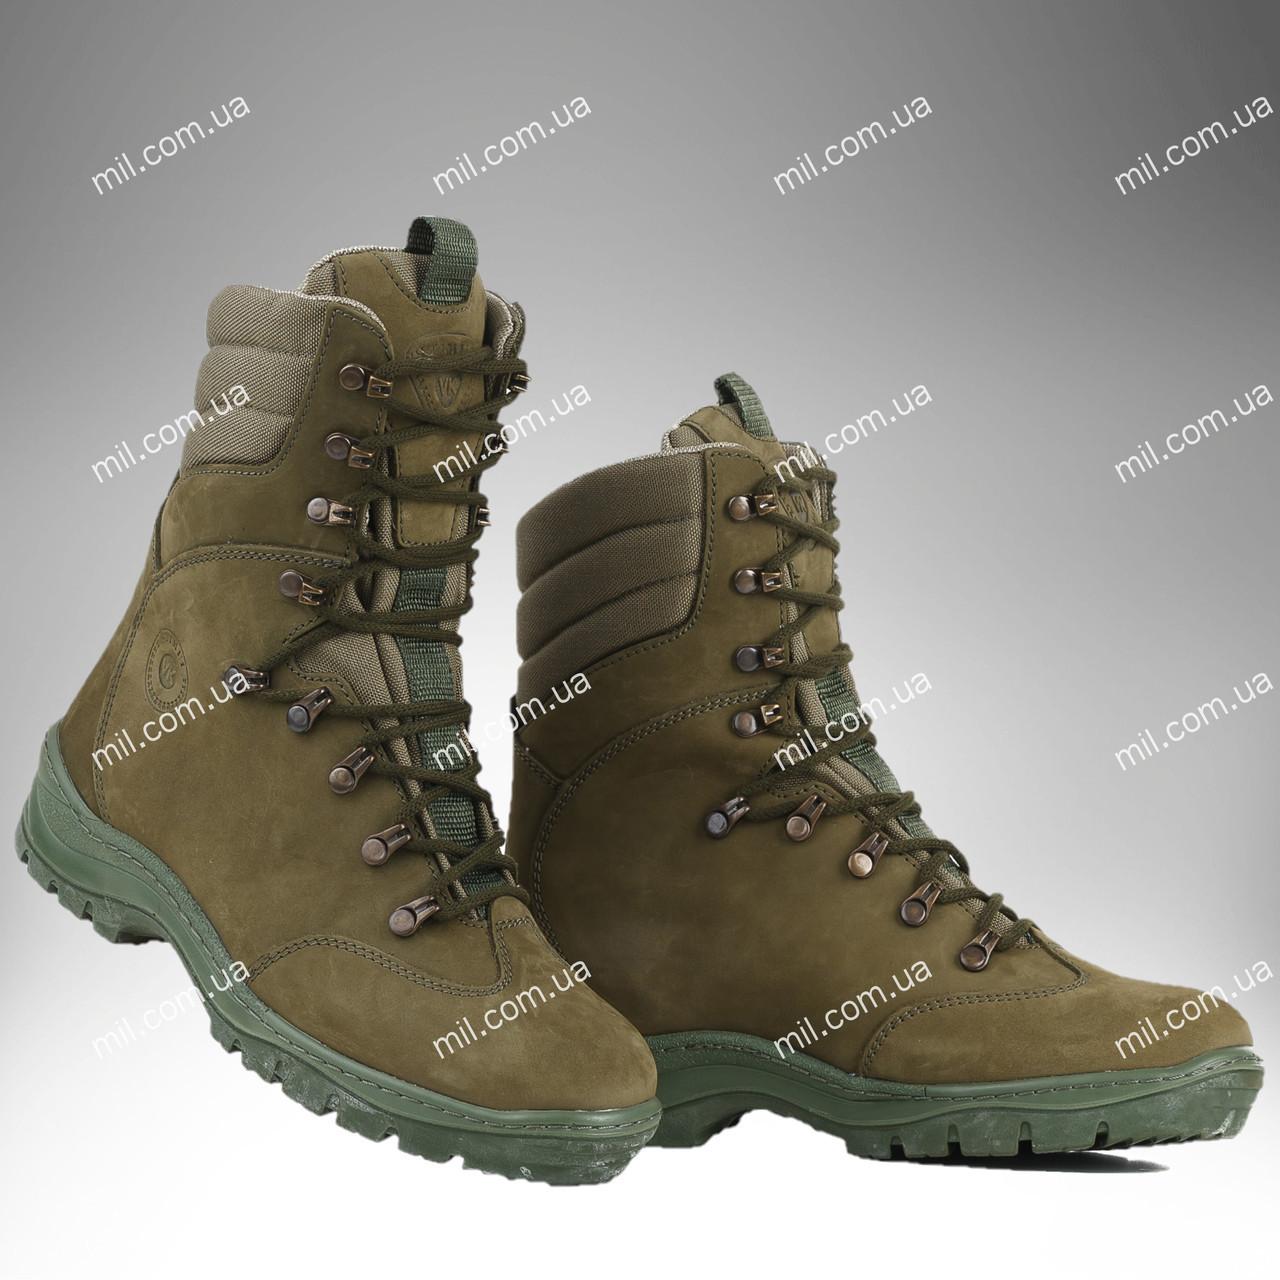 ⭐⭐Берцы демисезонные / военная, тактическая обувь ОМЕГА (оливковый) | берцы, берці, берци, военная обувь,